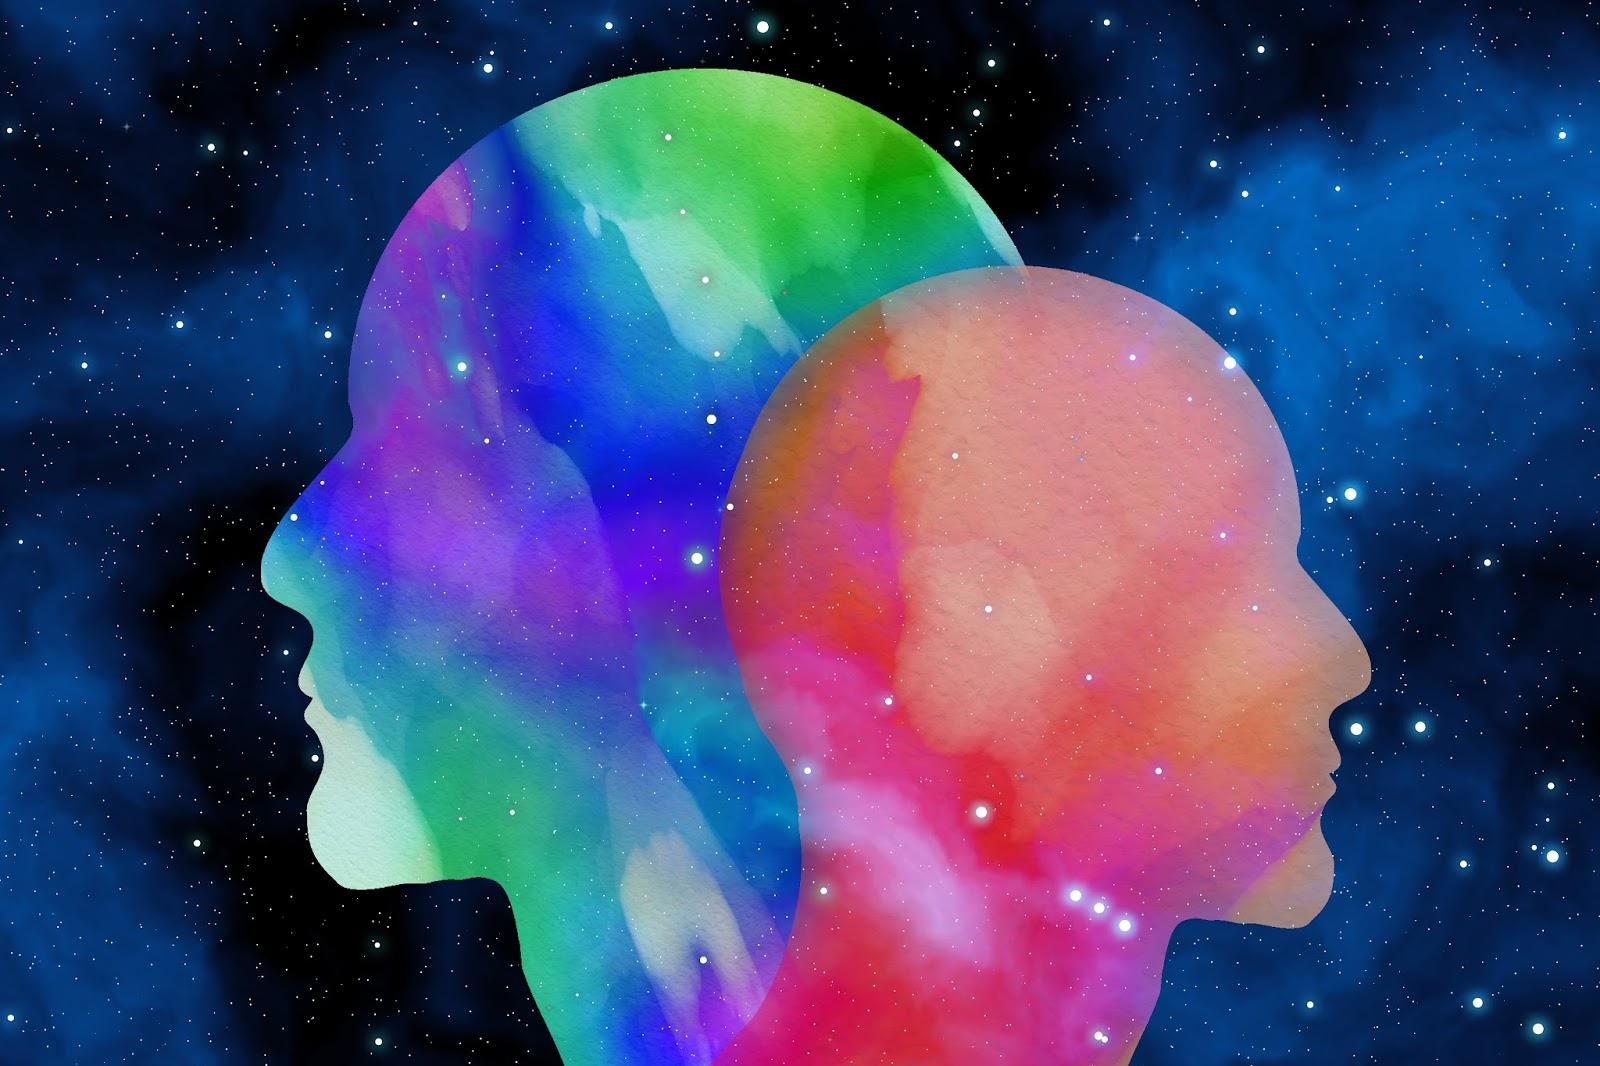 Βιωματικό εργαστήριο από το Ν.Τ. για τις Μαθησιακές Δυσκολίες (Β' κύκλος):Η ψυχοδυναμική προσέγγιση